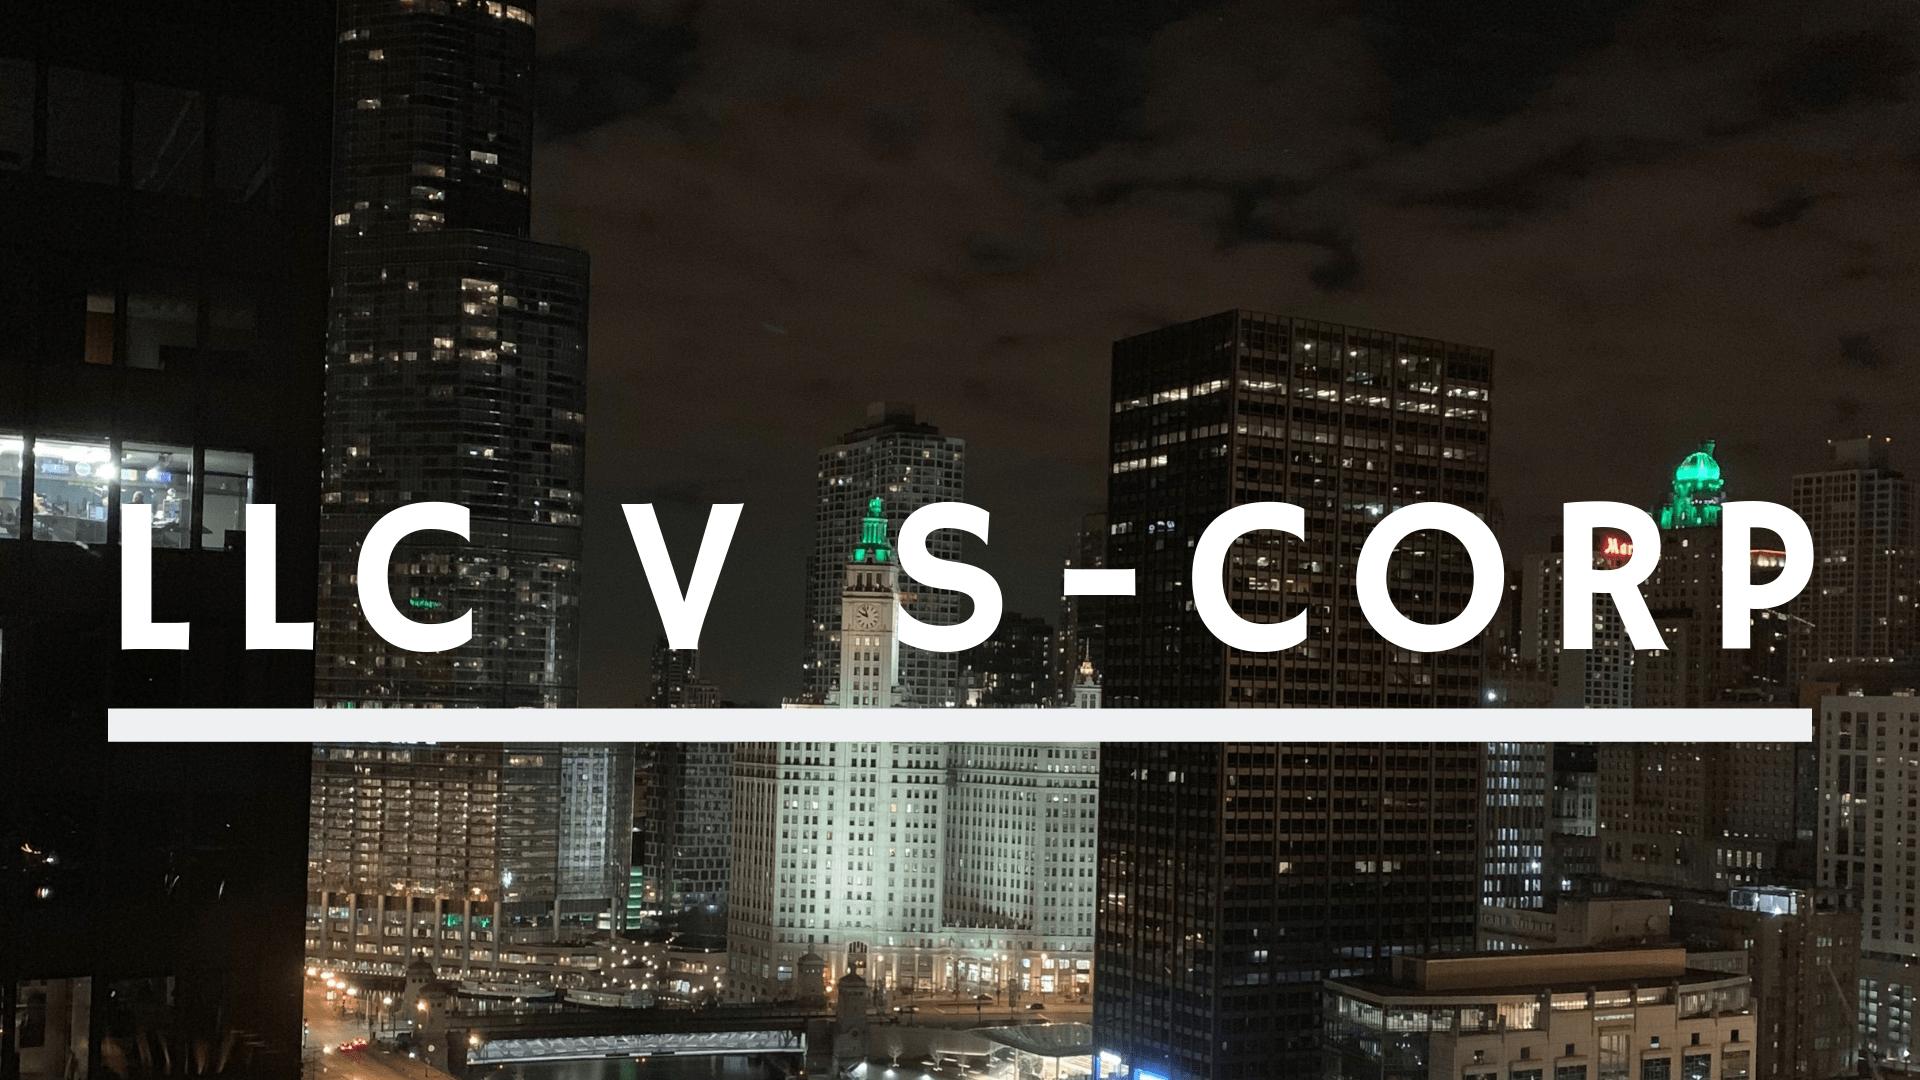 LLC V SCorp